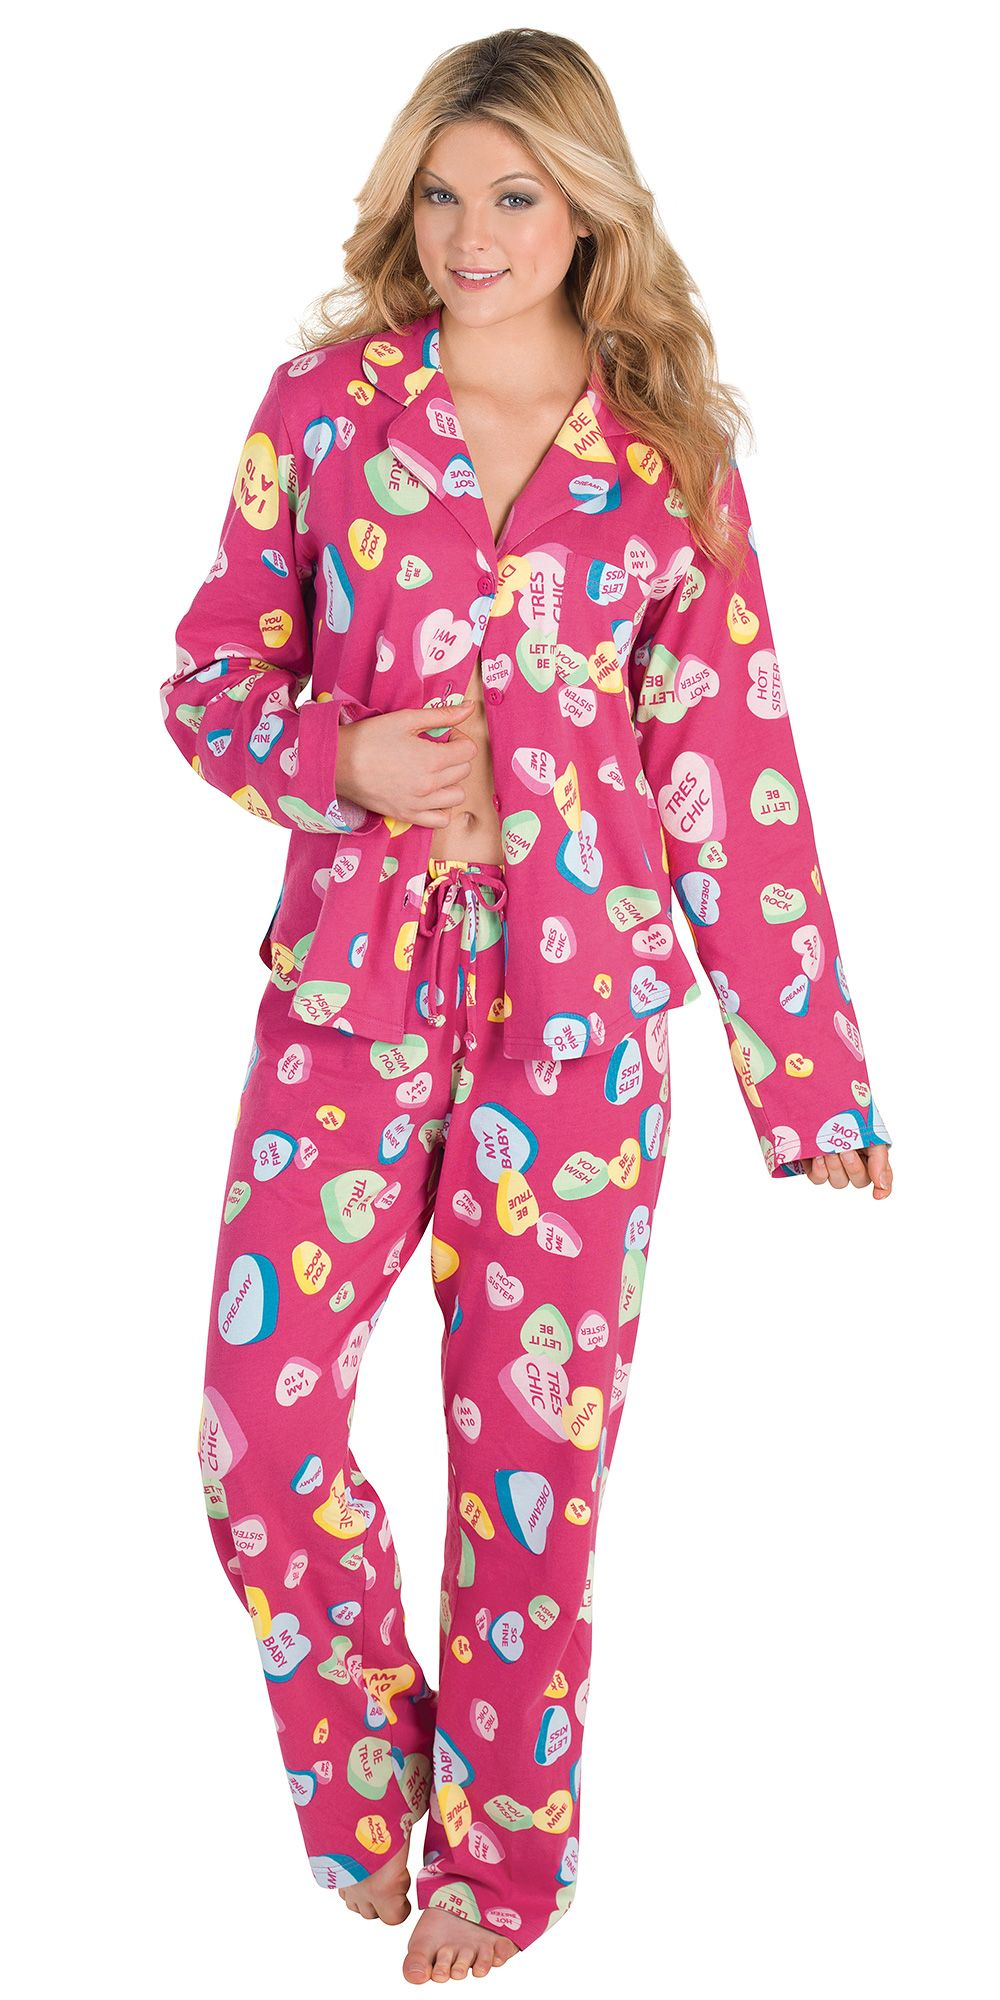 Conversation hearts boyfriend pajamas pajamas women